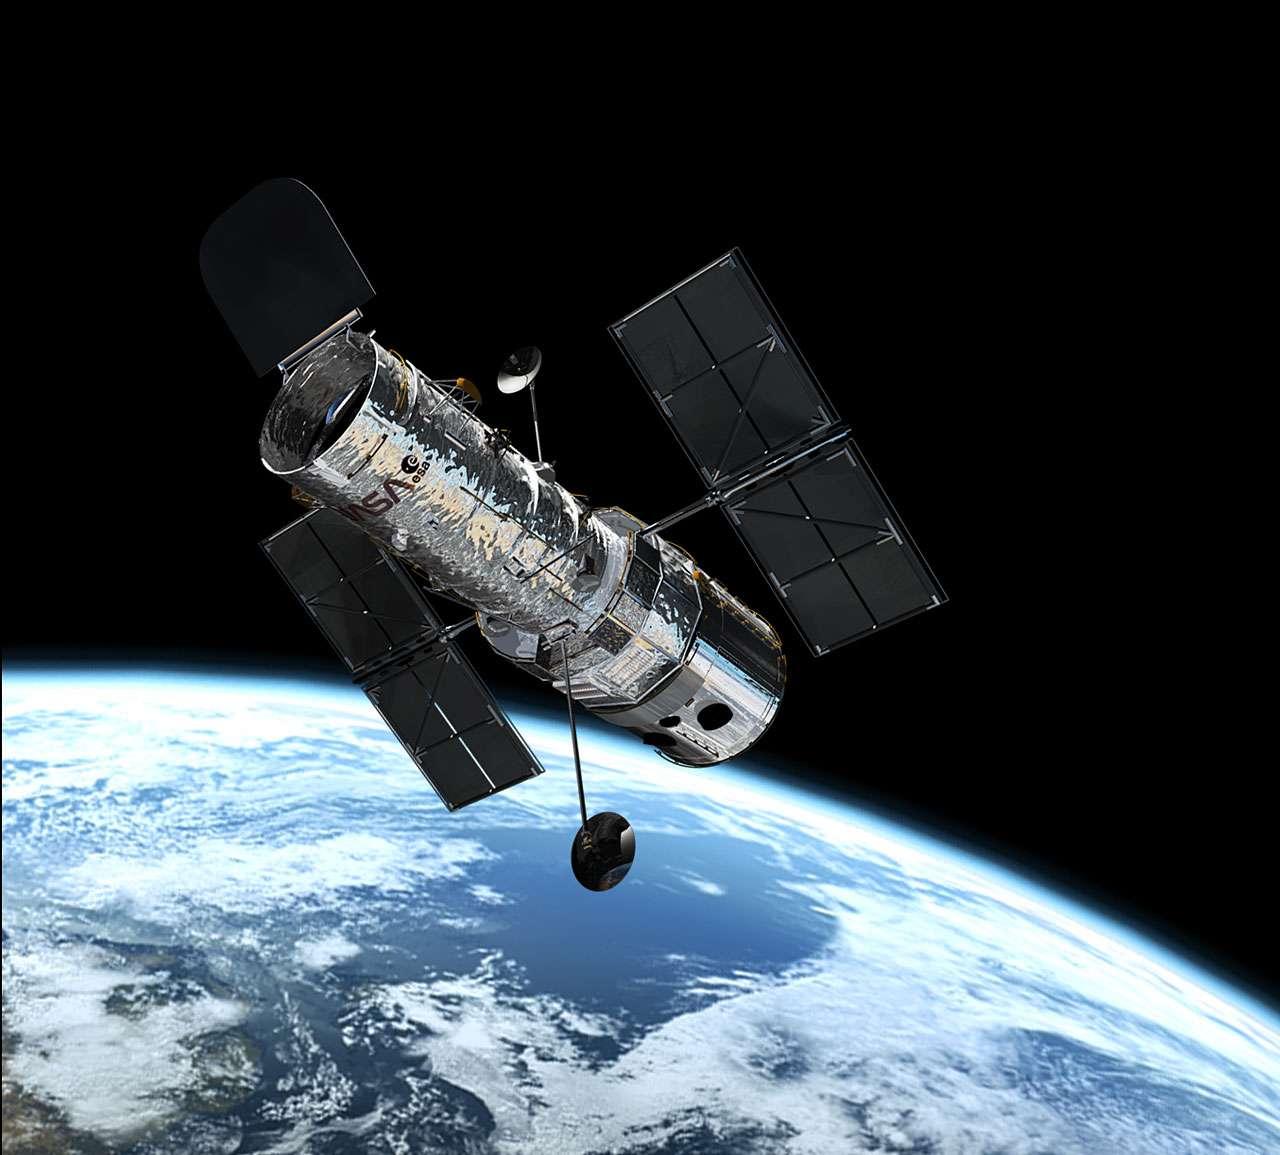 Une illustration montrant Hubble en plein travail. Le télescope spatial a révolutionné notre connaissance du cosmos observable. © Nasa